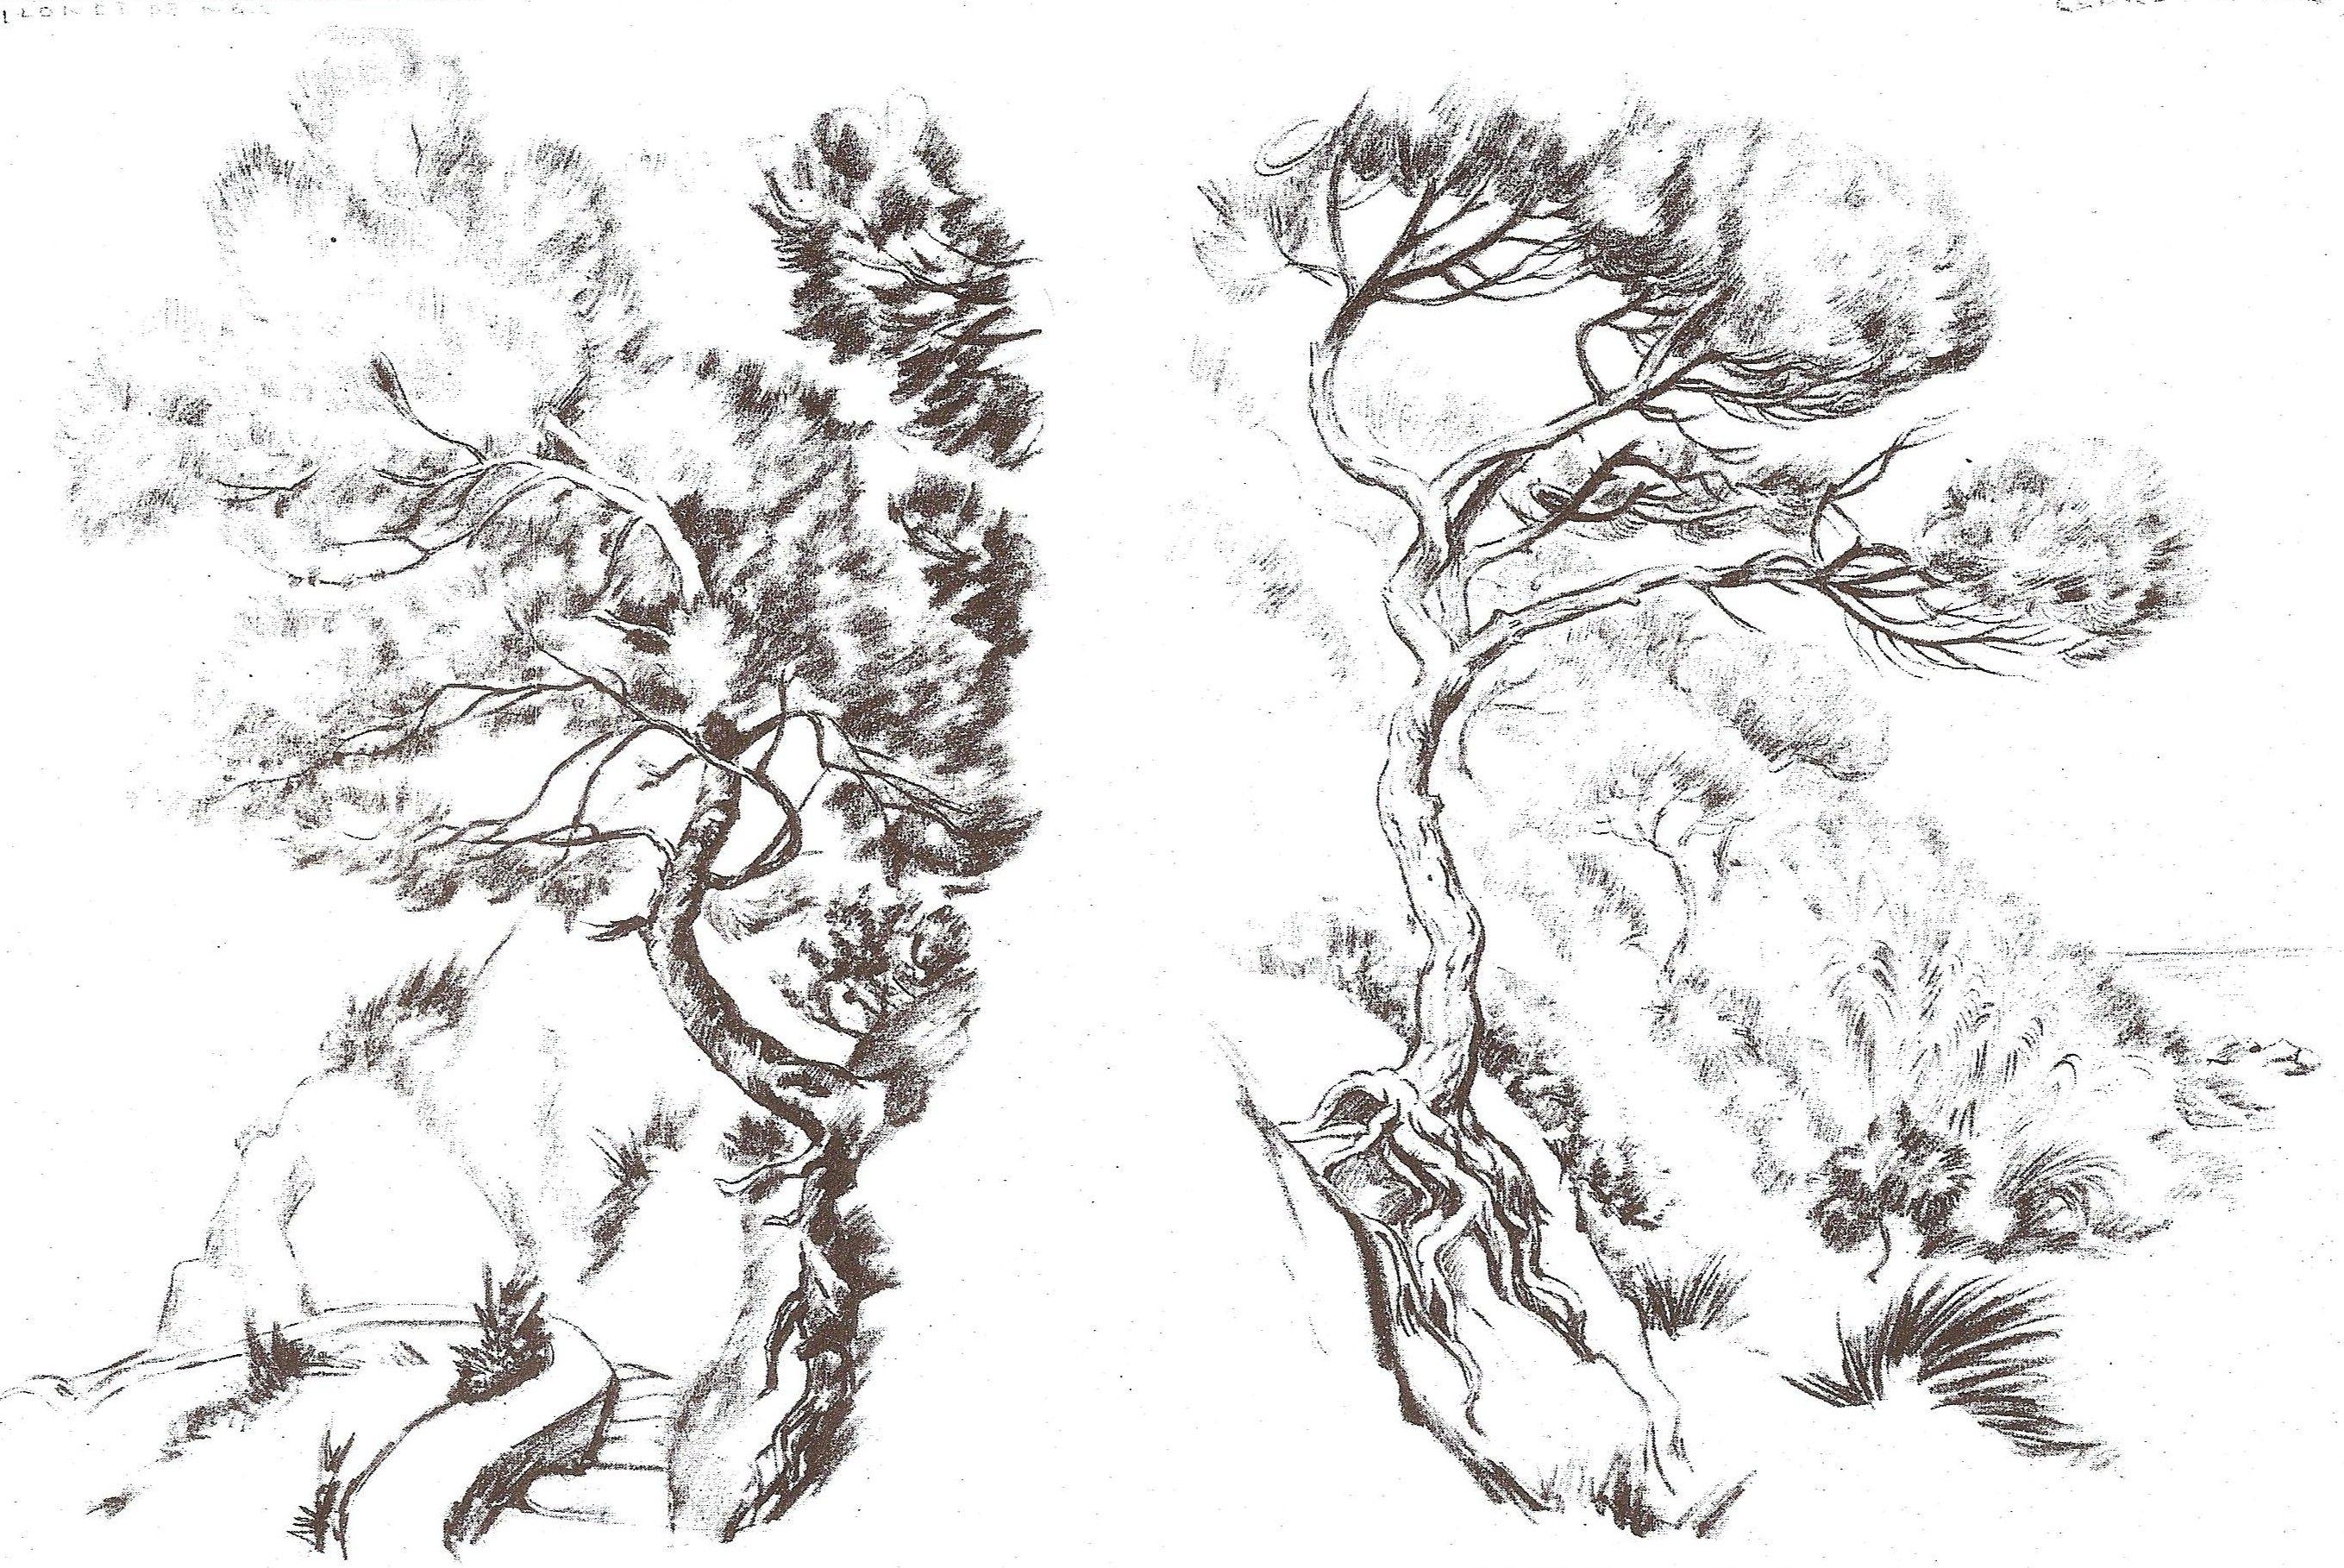 plantillas pirograbado - Buscar con Google | Plantillas paisajes ...